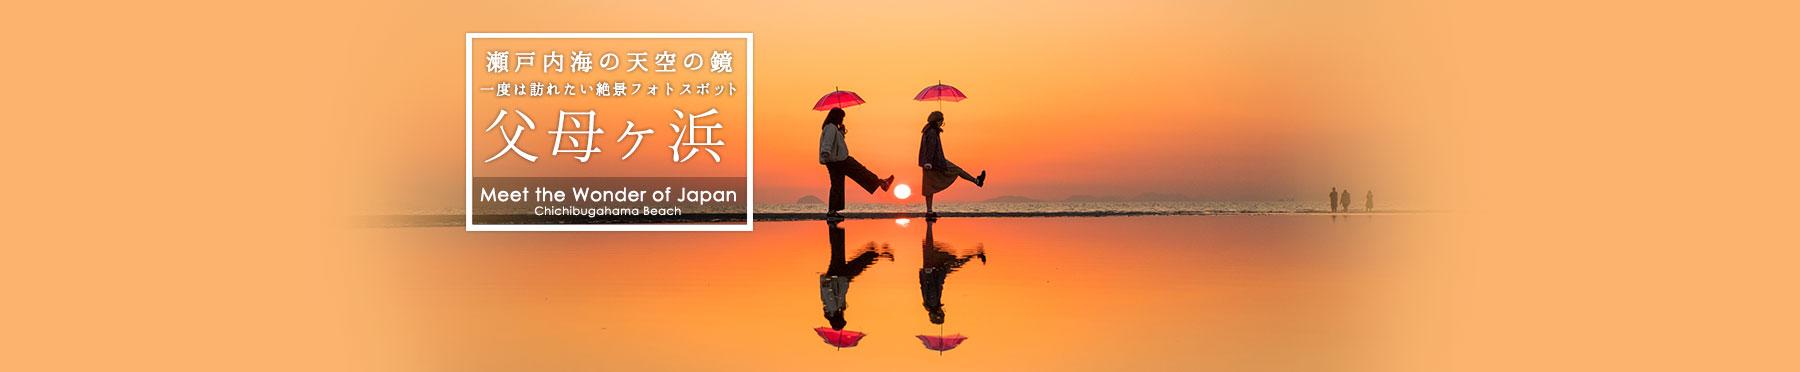 瀬戸内海の天空の鏡一度は訪れたい絶景フォトスポット父母ヶ浜